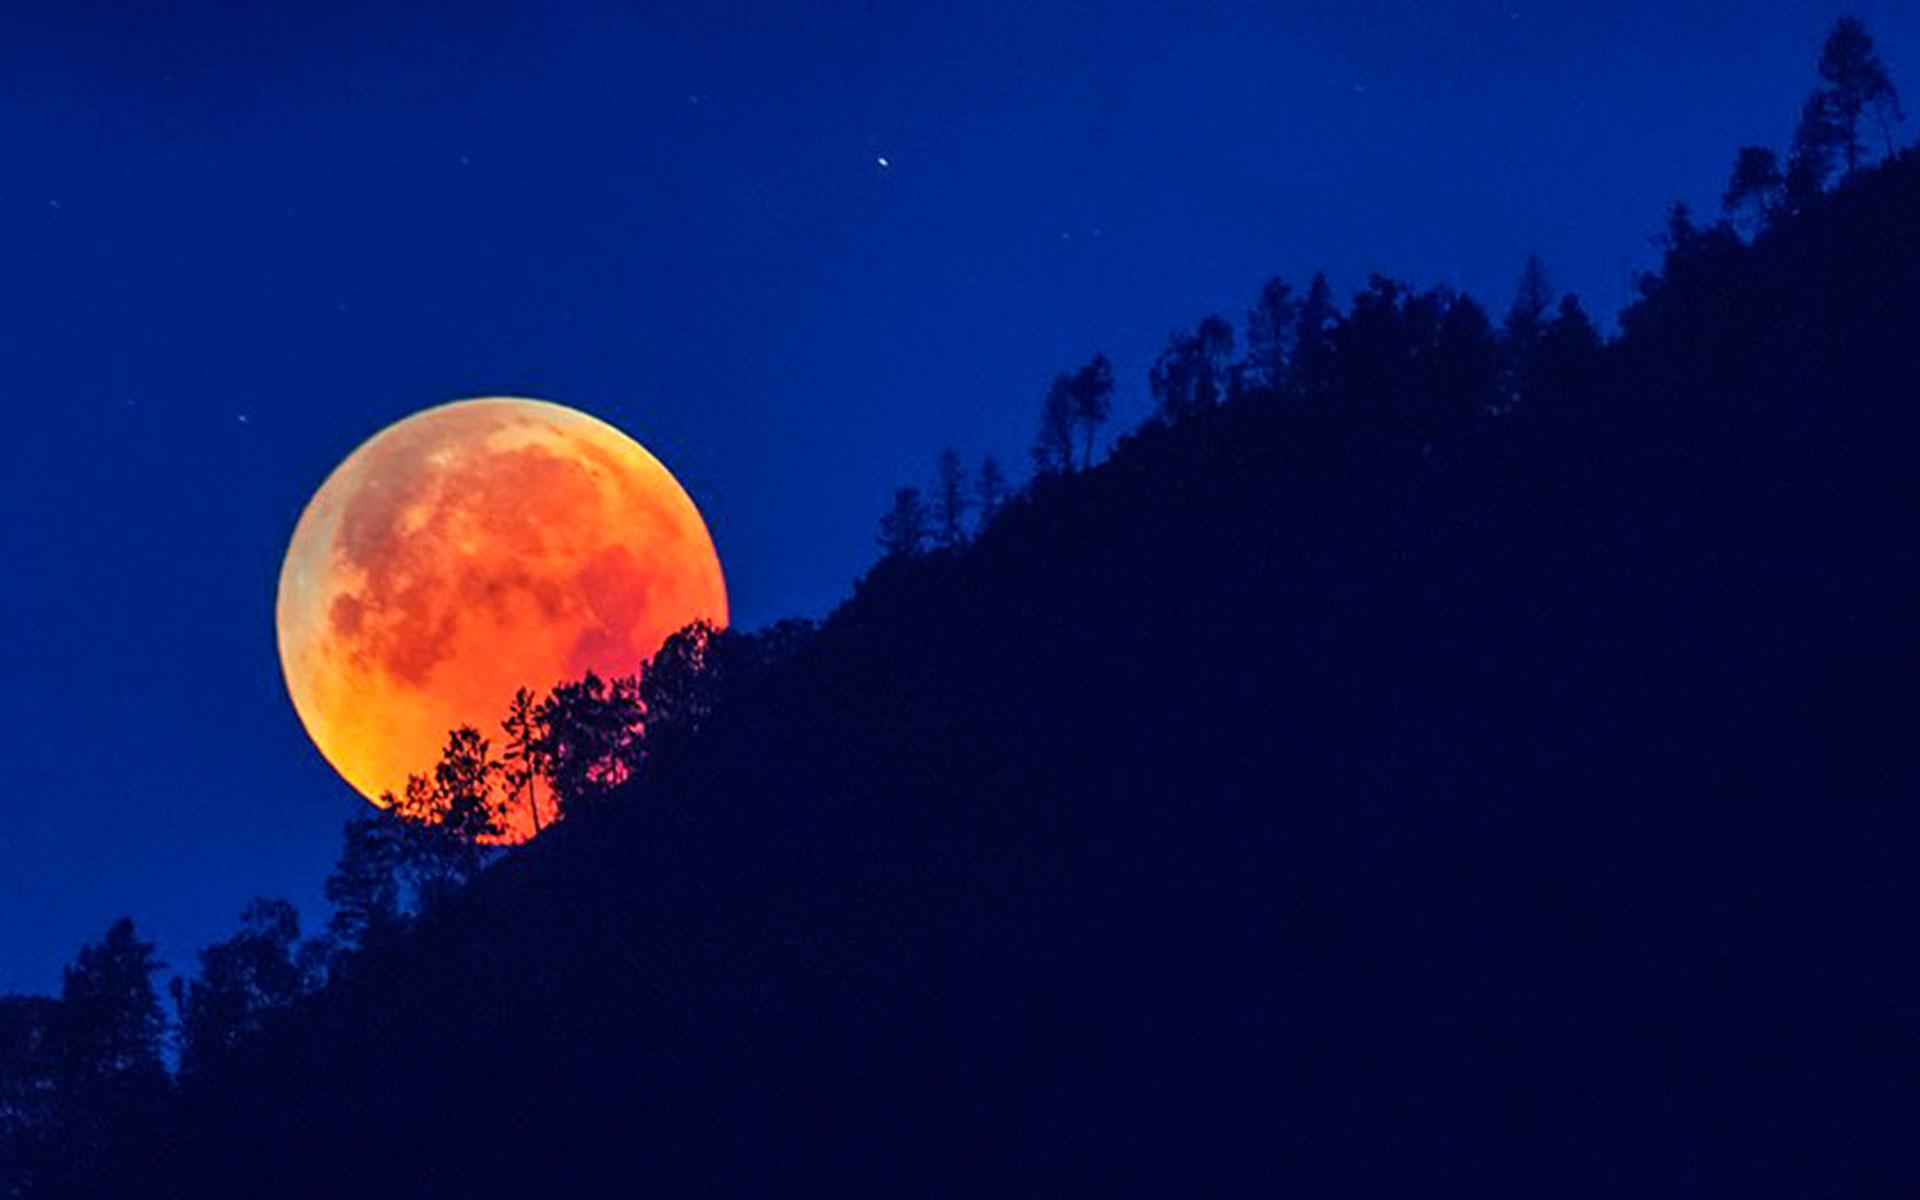 картинка лунное затмение картинки это единственный